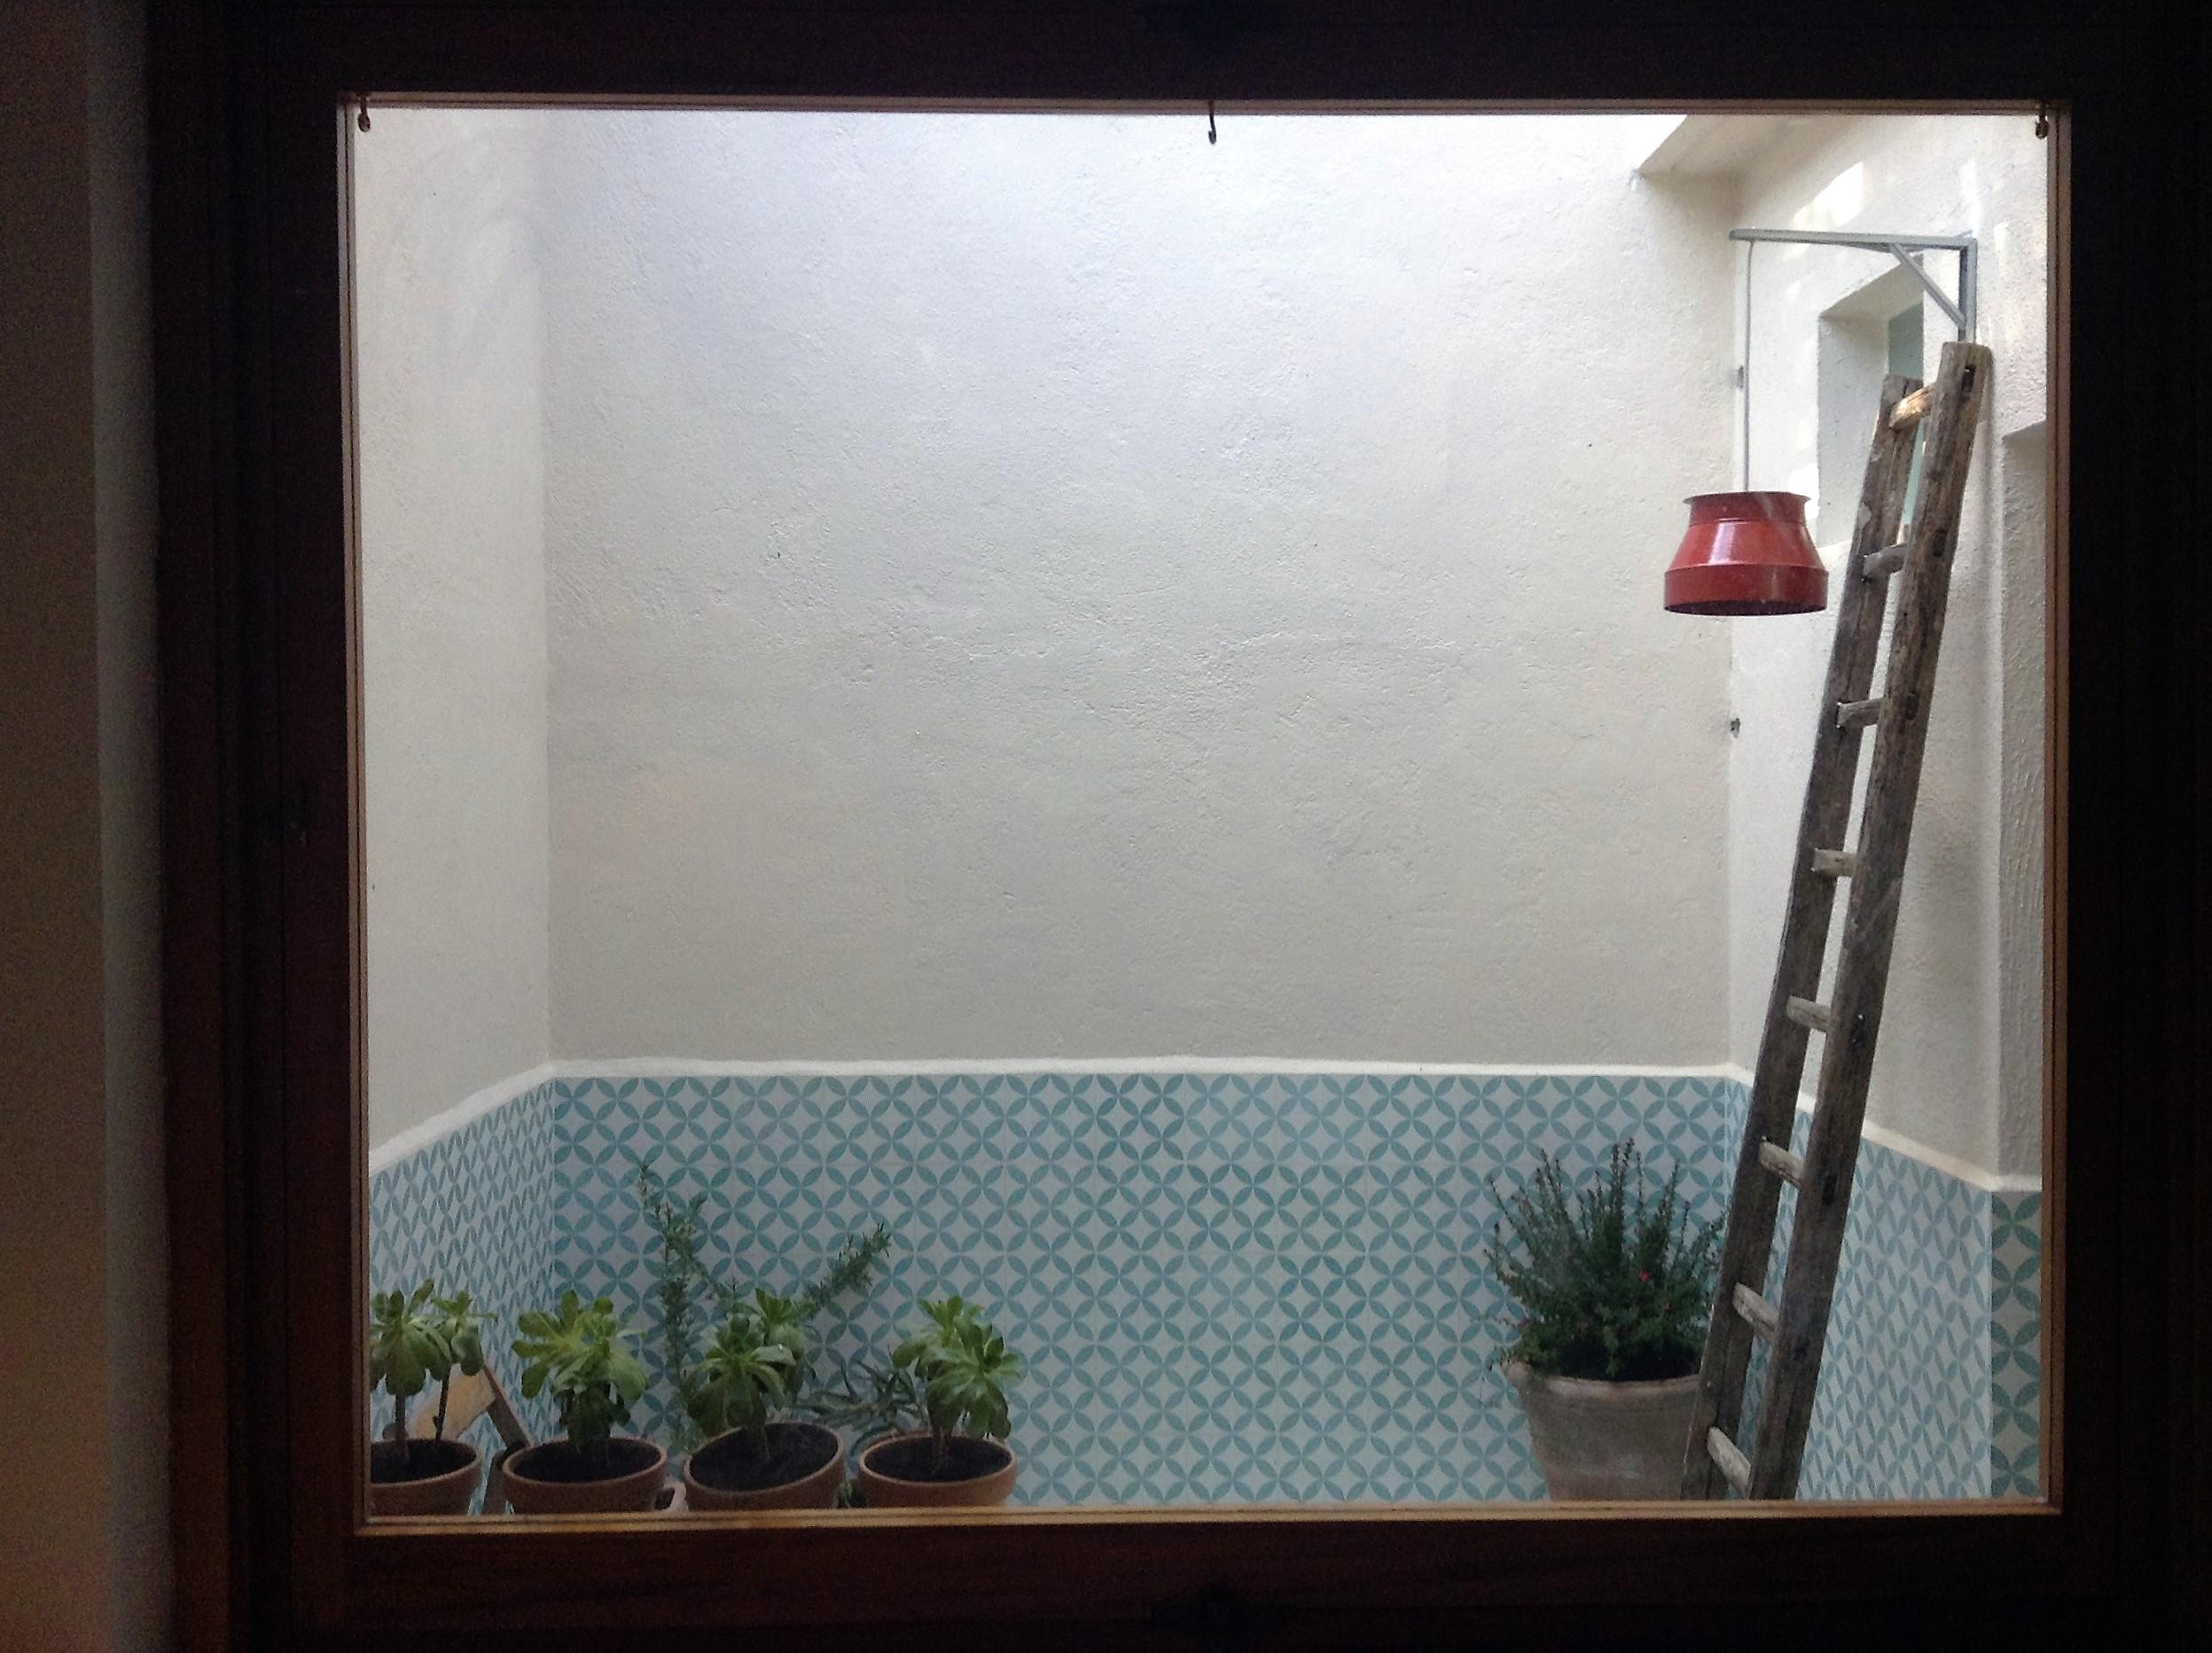 cortile interno